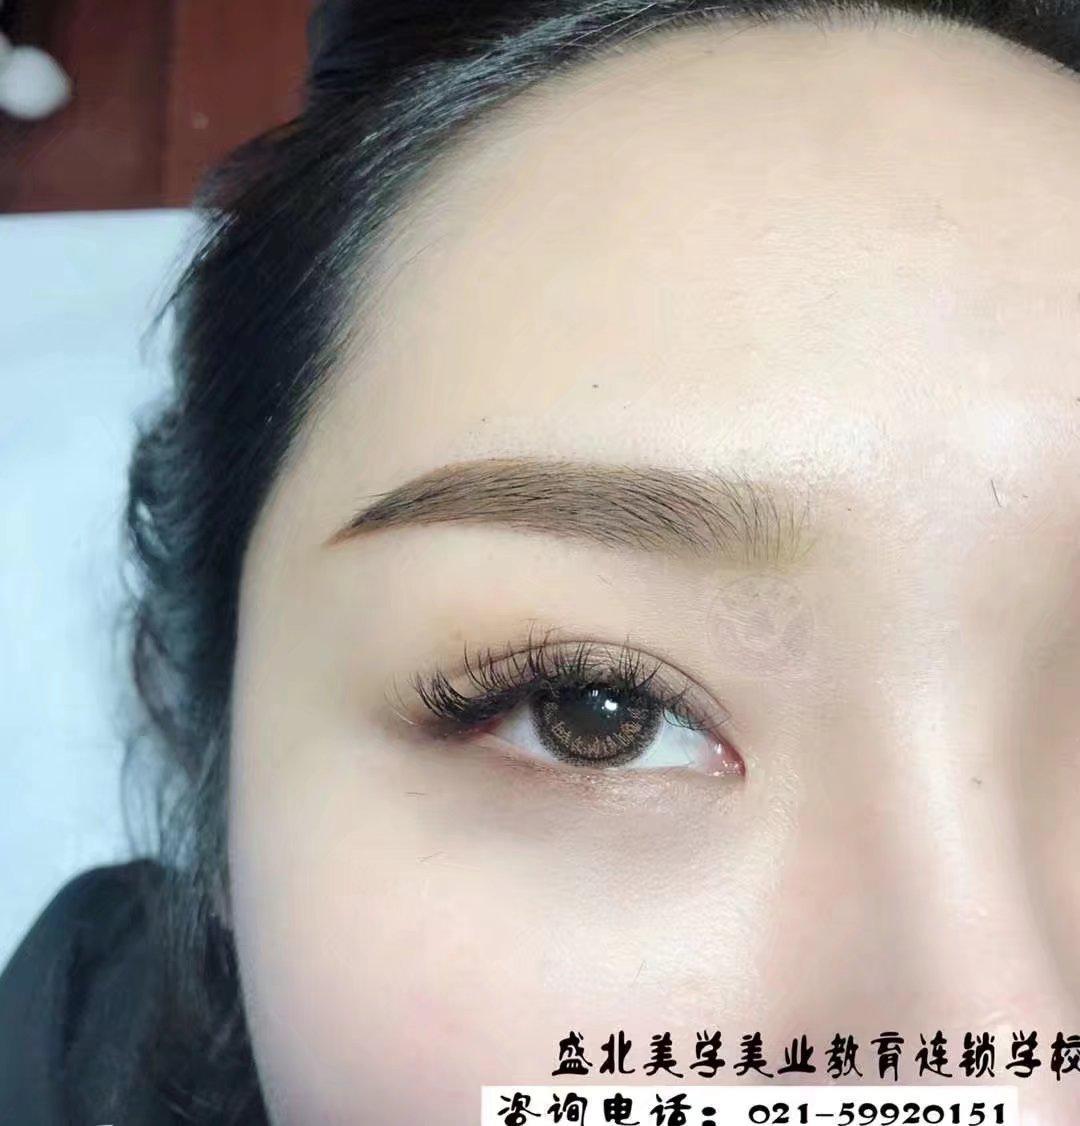 上海韩式半永久化妆技术发掘素颜之美